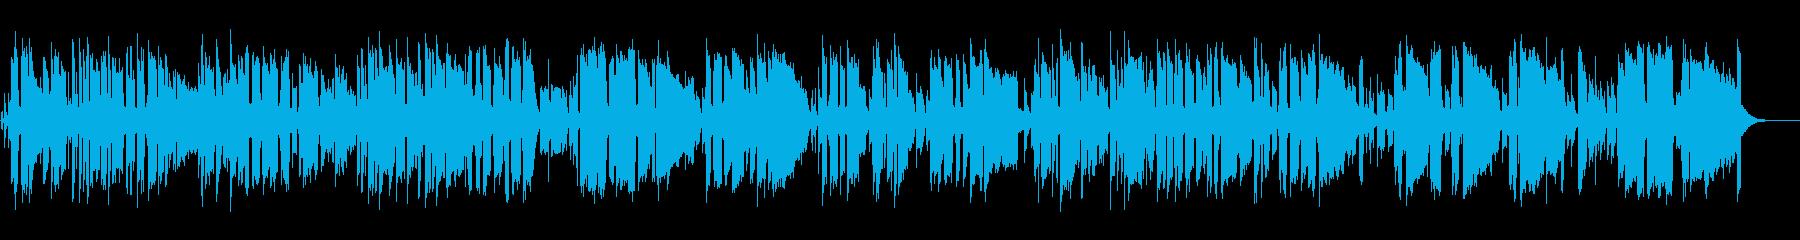 エネルギッシュでブルージーなエレキギターの再生済みの波形